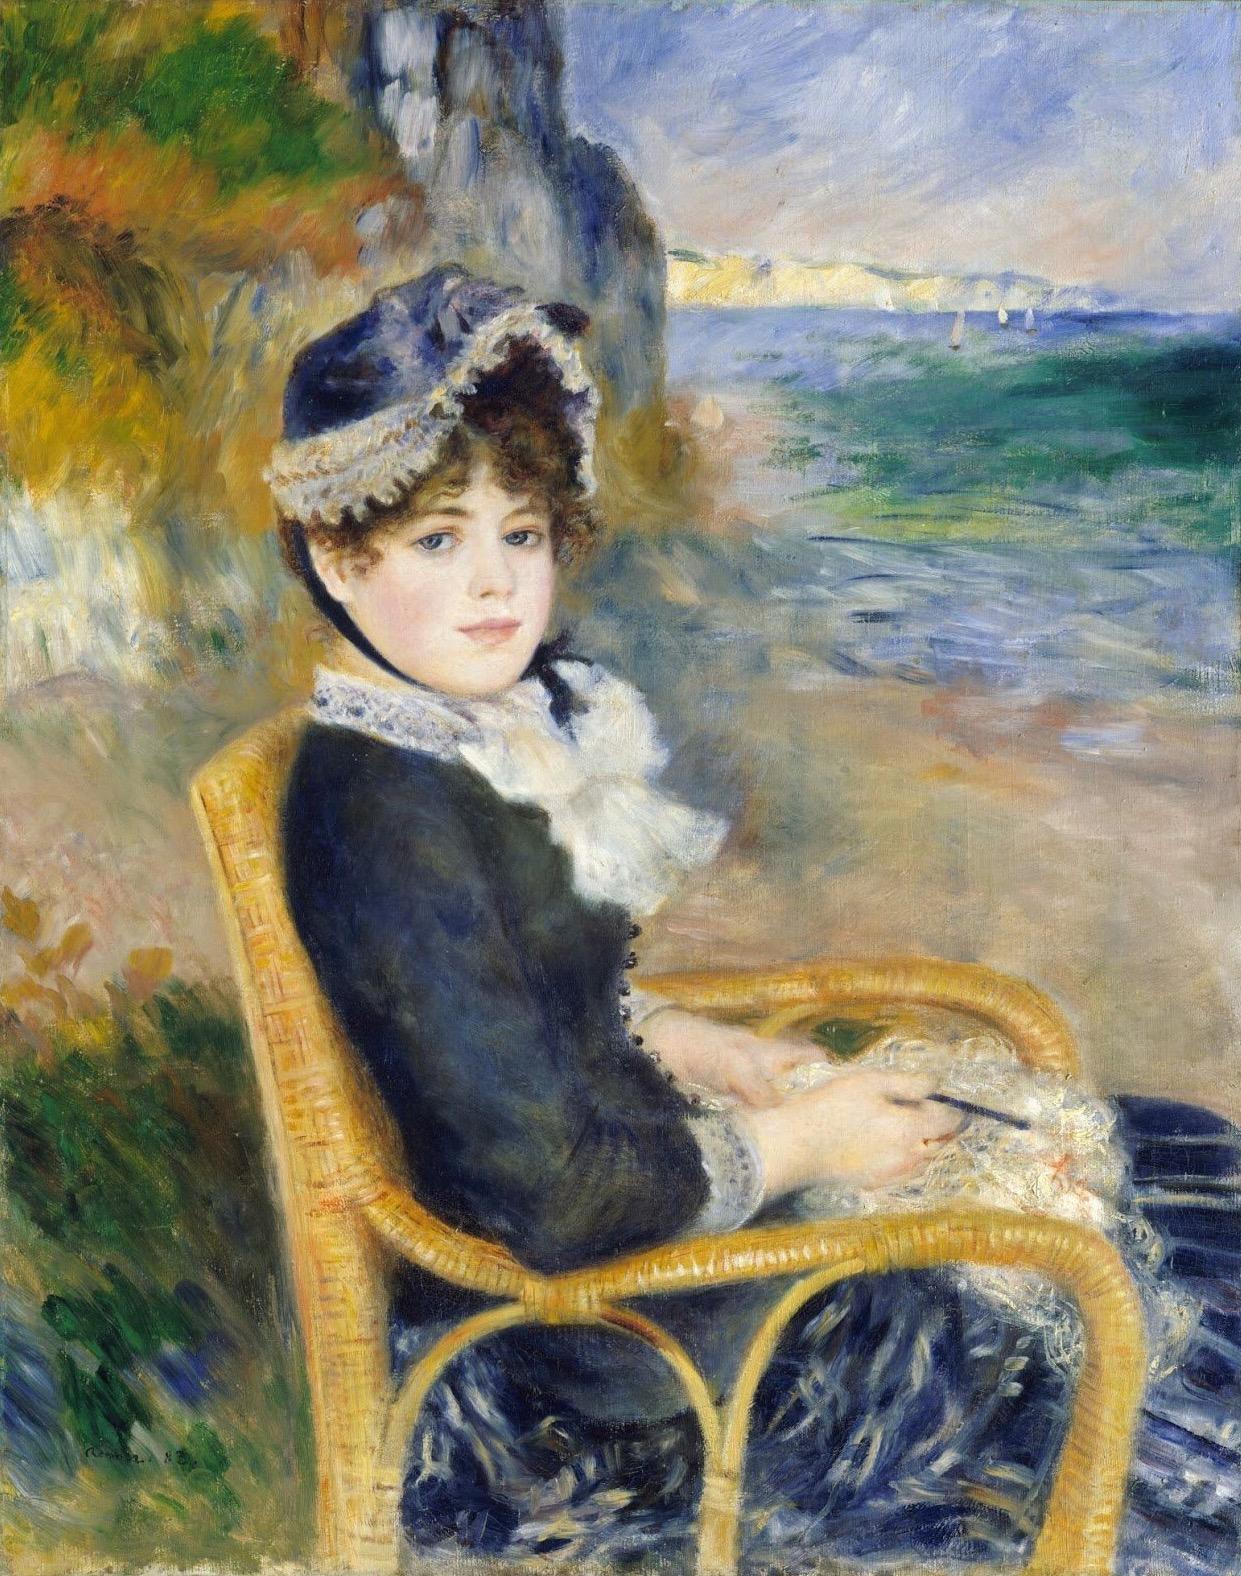 By the Seashore, by Pierre-Auguste Renoir, 1883